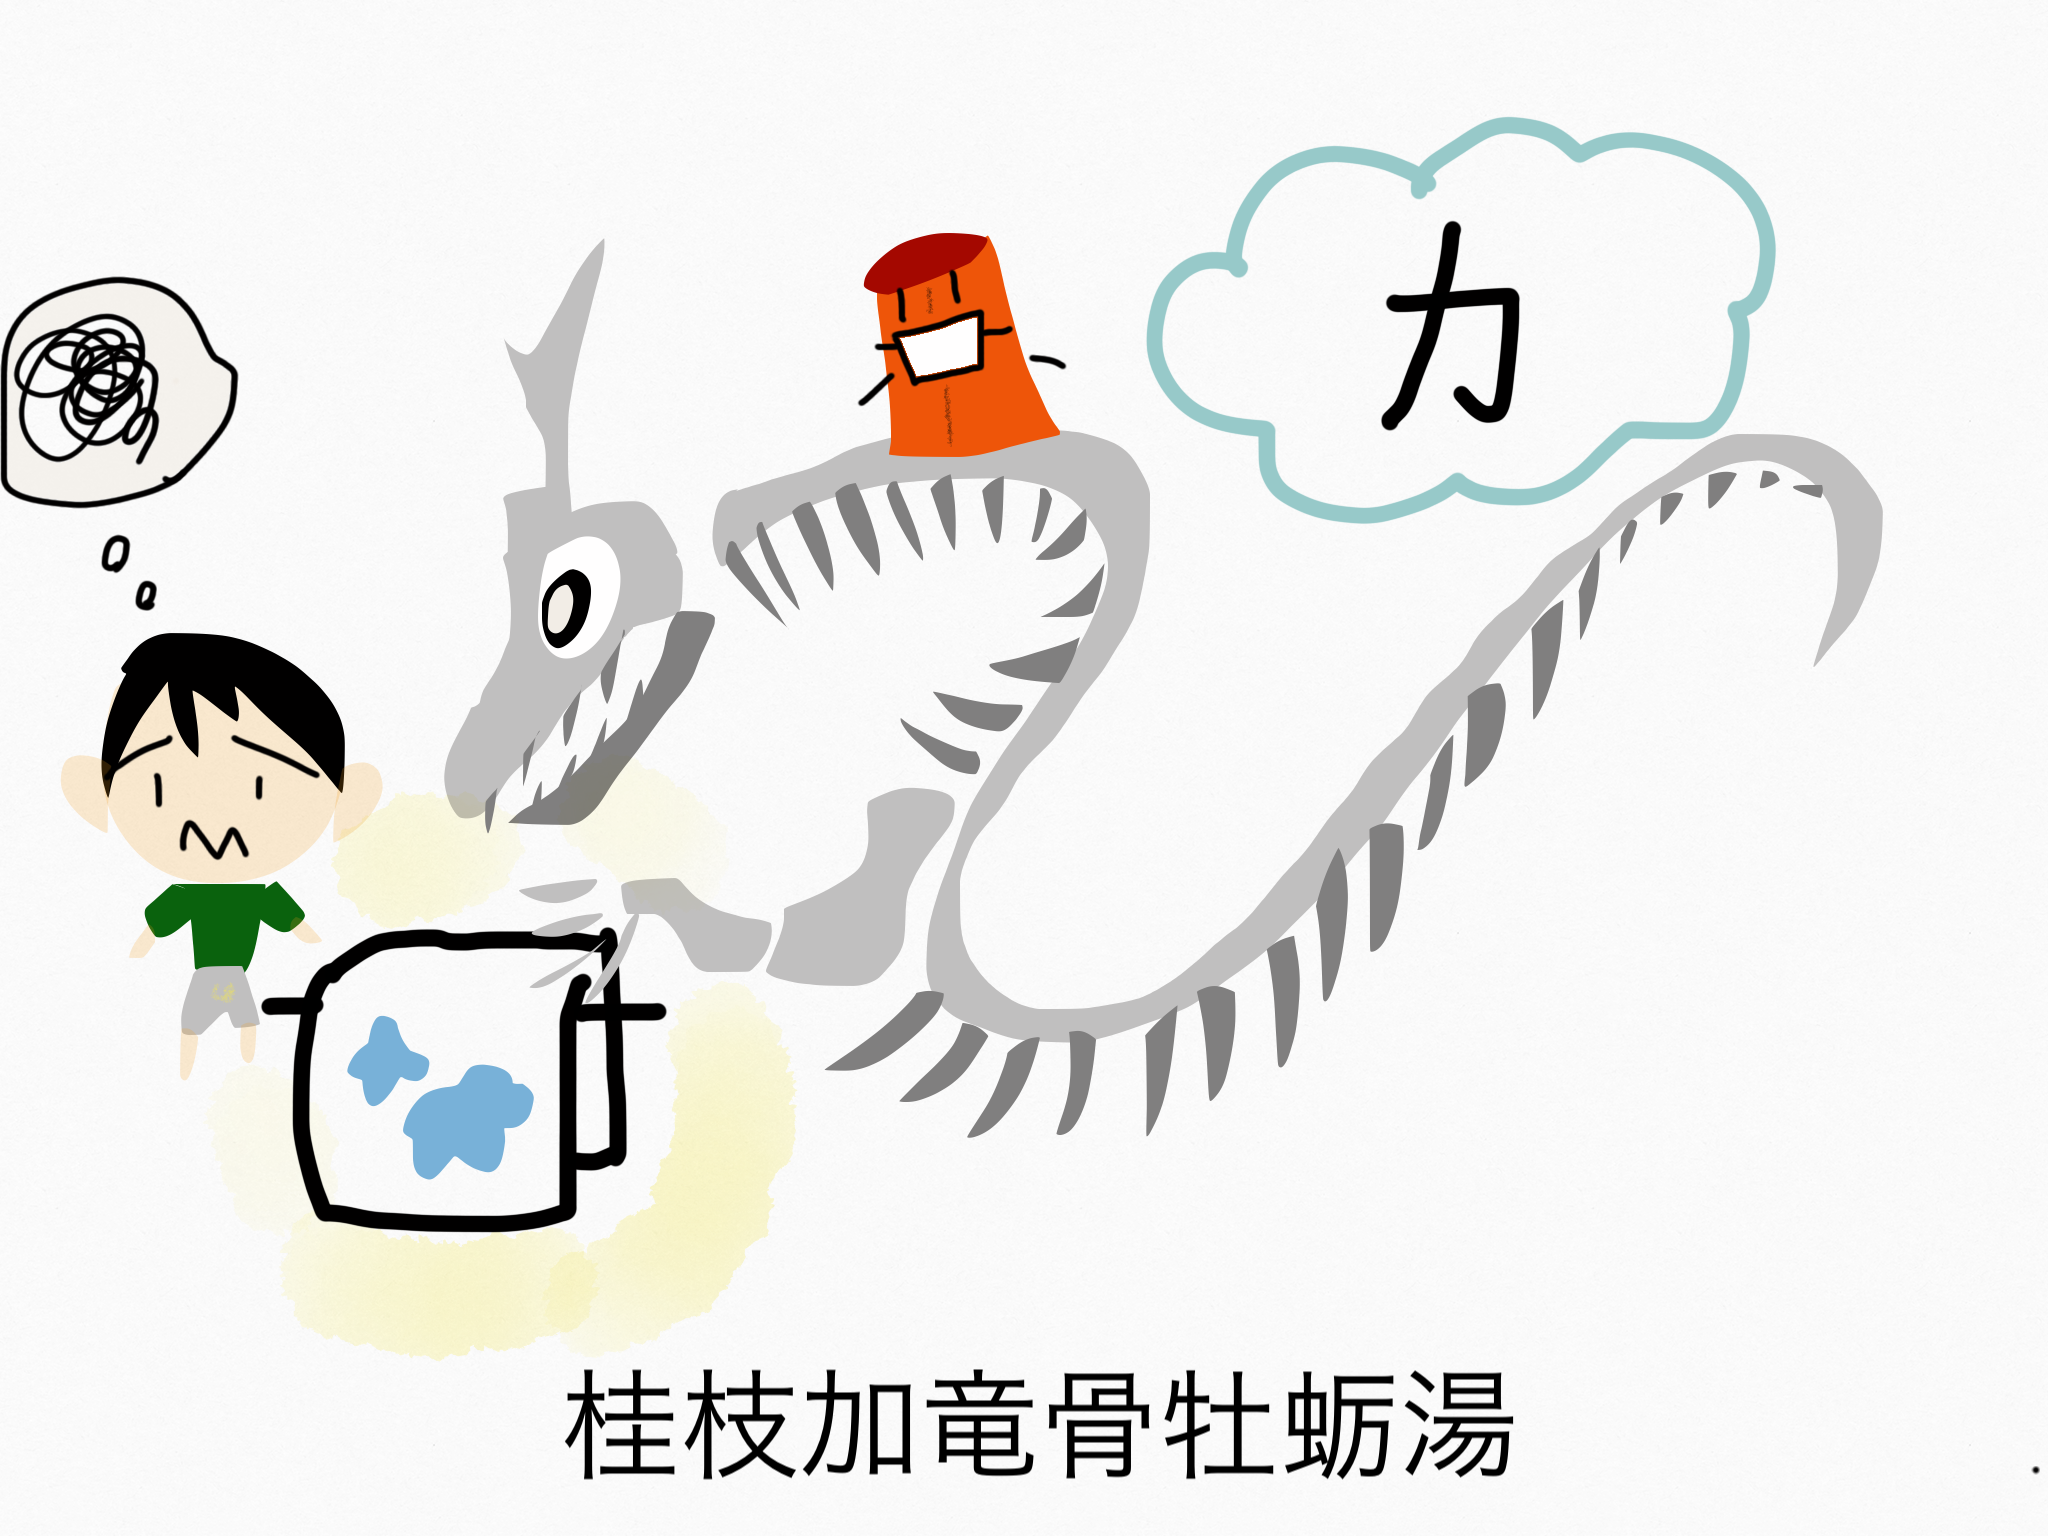 桂枝加竜骨牡蛎湯(けいしかりゅうこつぼれいとう)[不眠症・神経症]【漢方の覚え方】